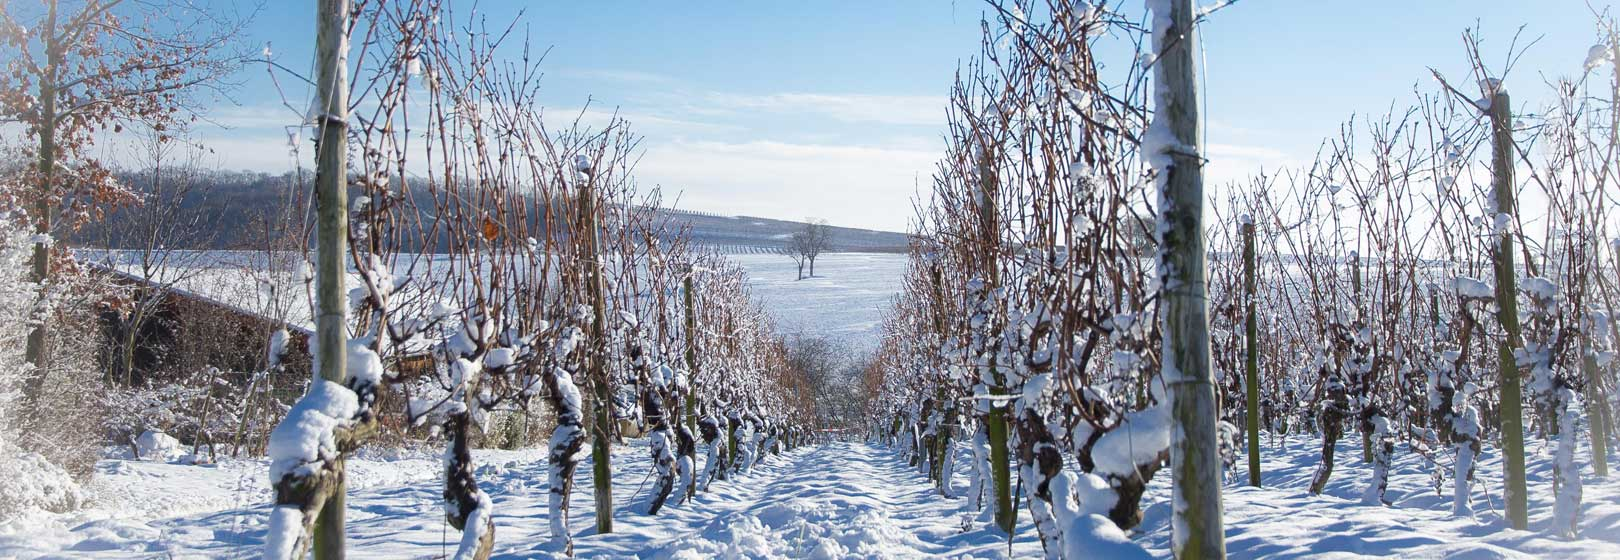 Gau-Bischofsheim im Winter